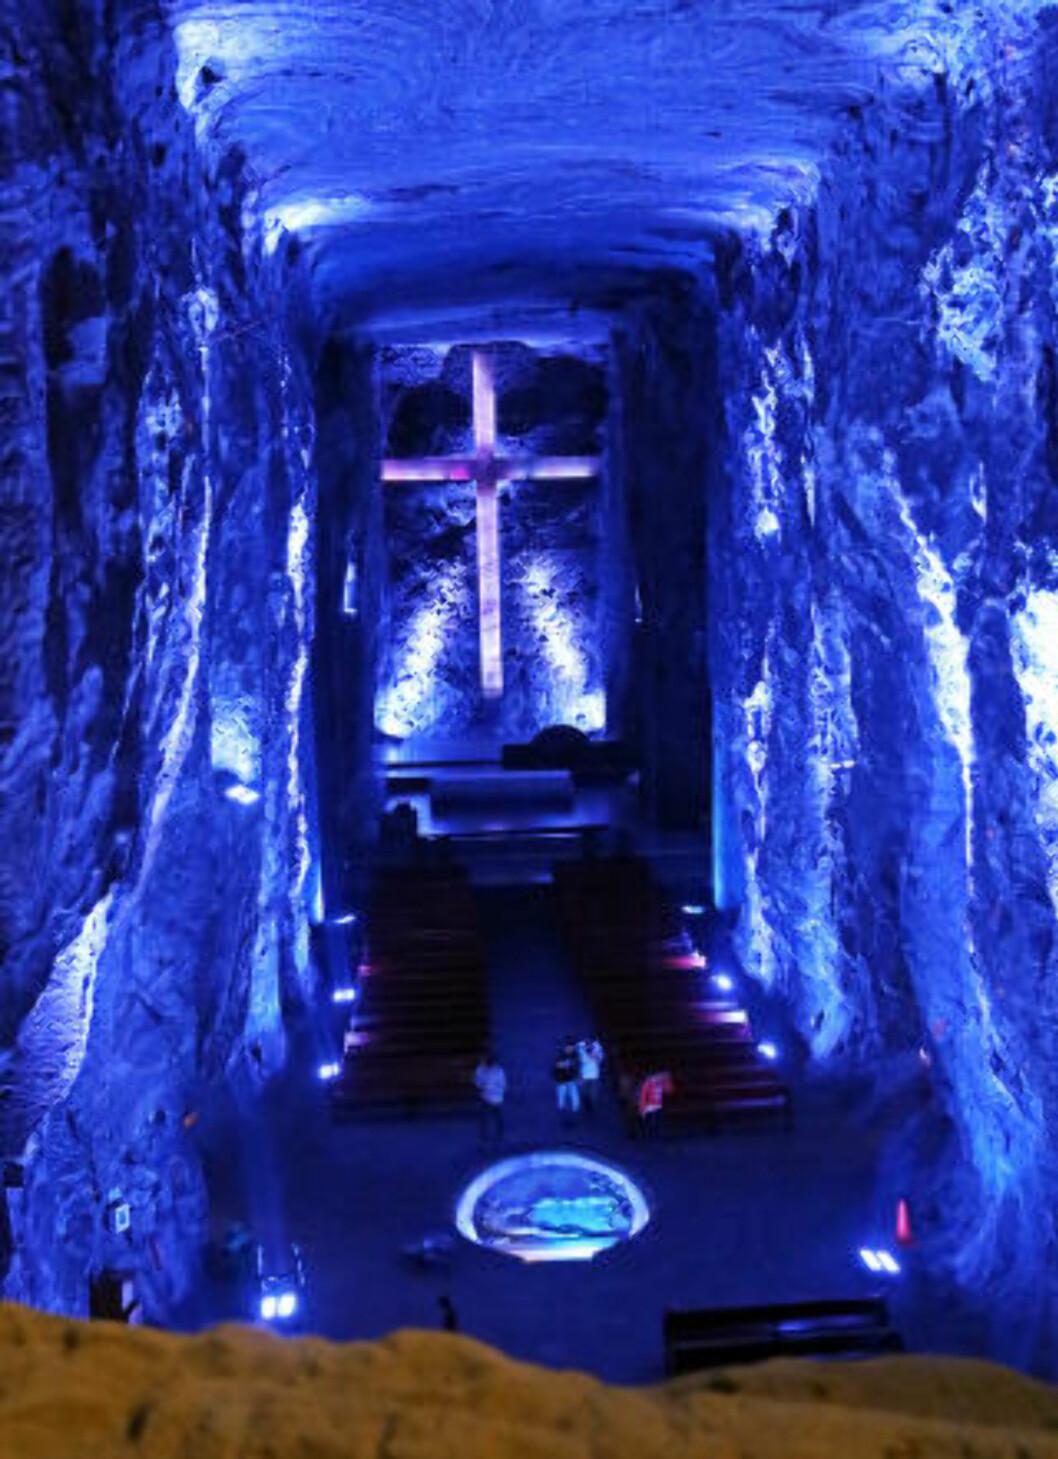 <strong>ENORM:</strong> Dette korset, som er hogd ut i saltsteinsfjellet, er verdens største i en underjordisk katedral. Foto: EIVIND PEDERSEN